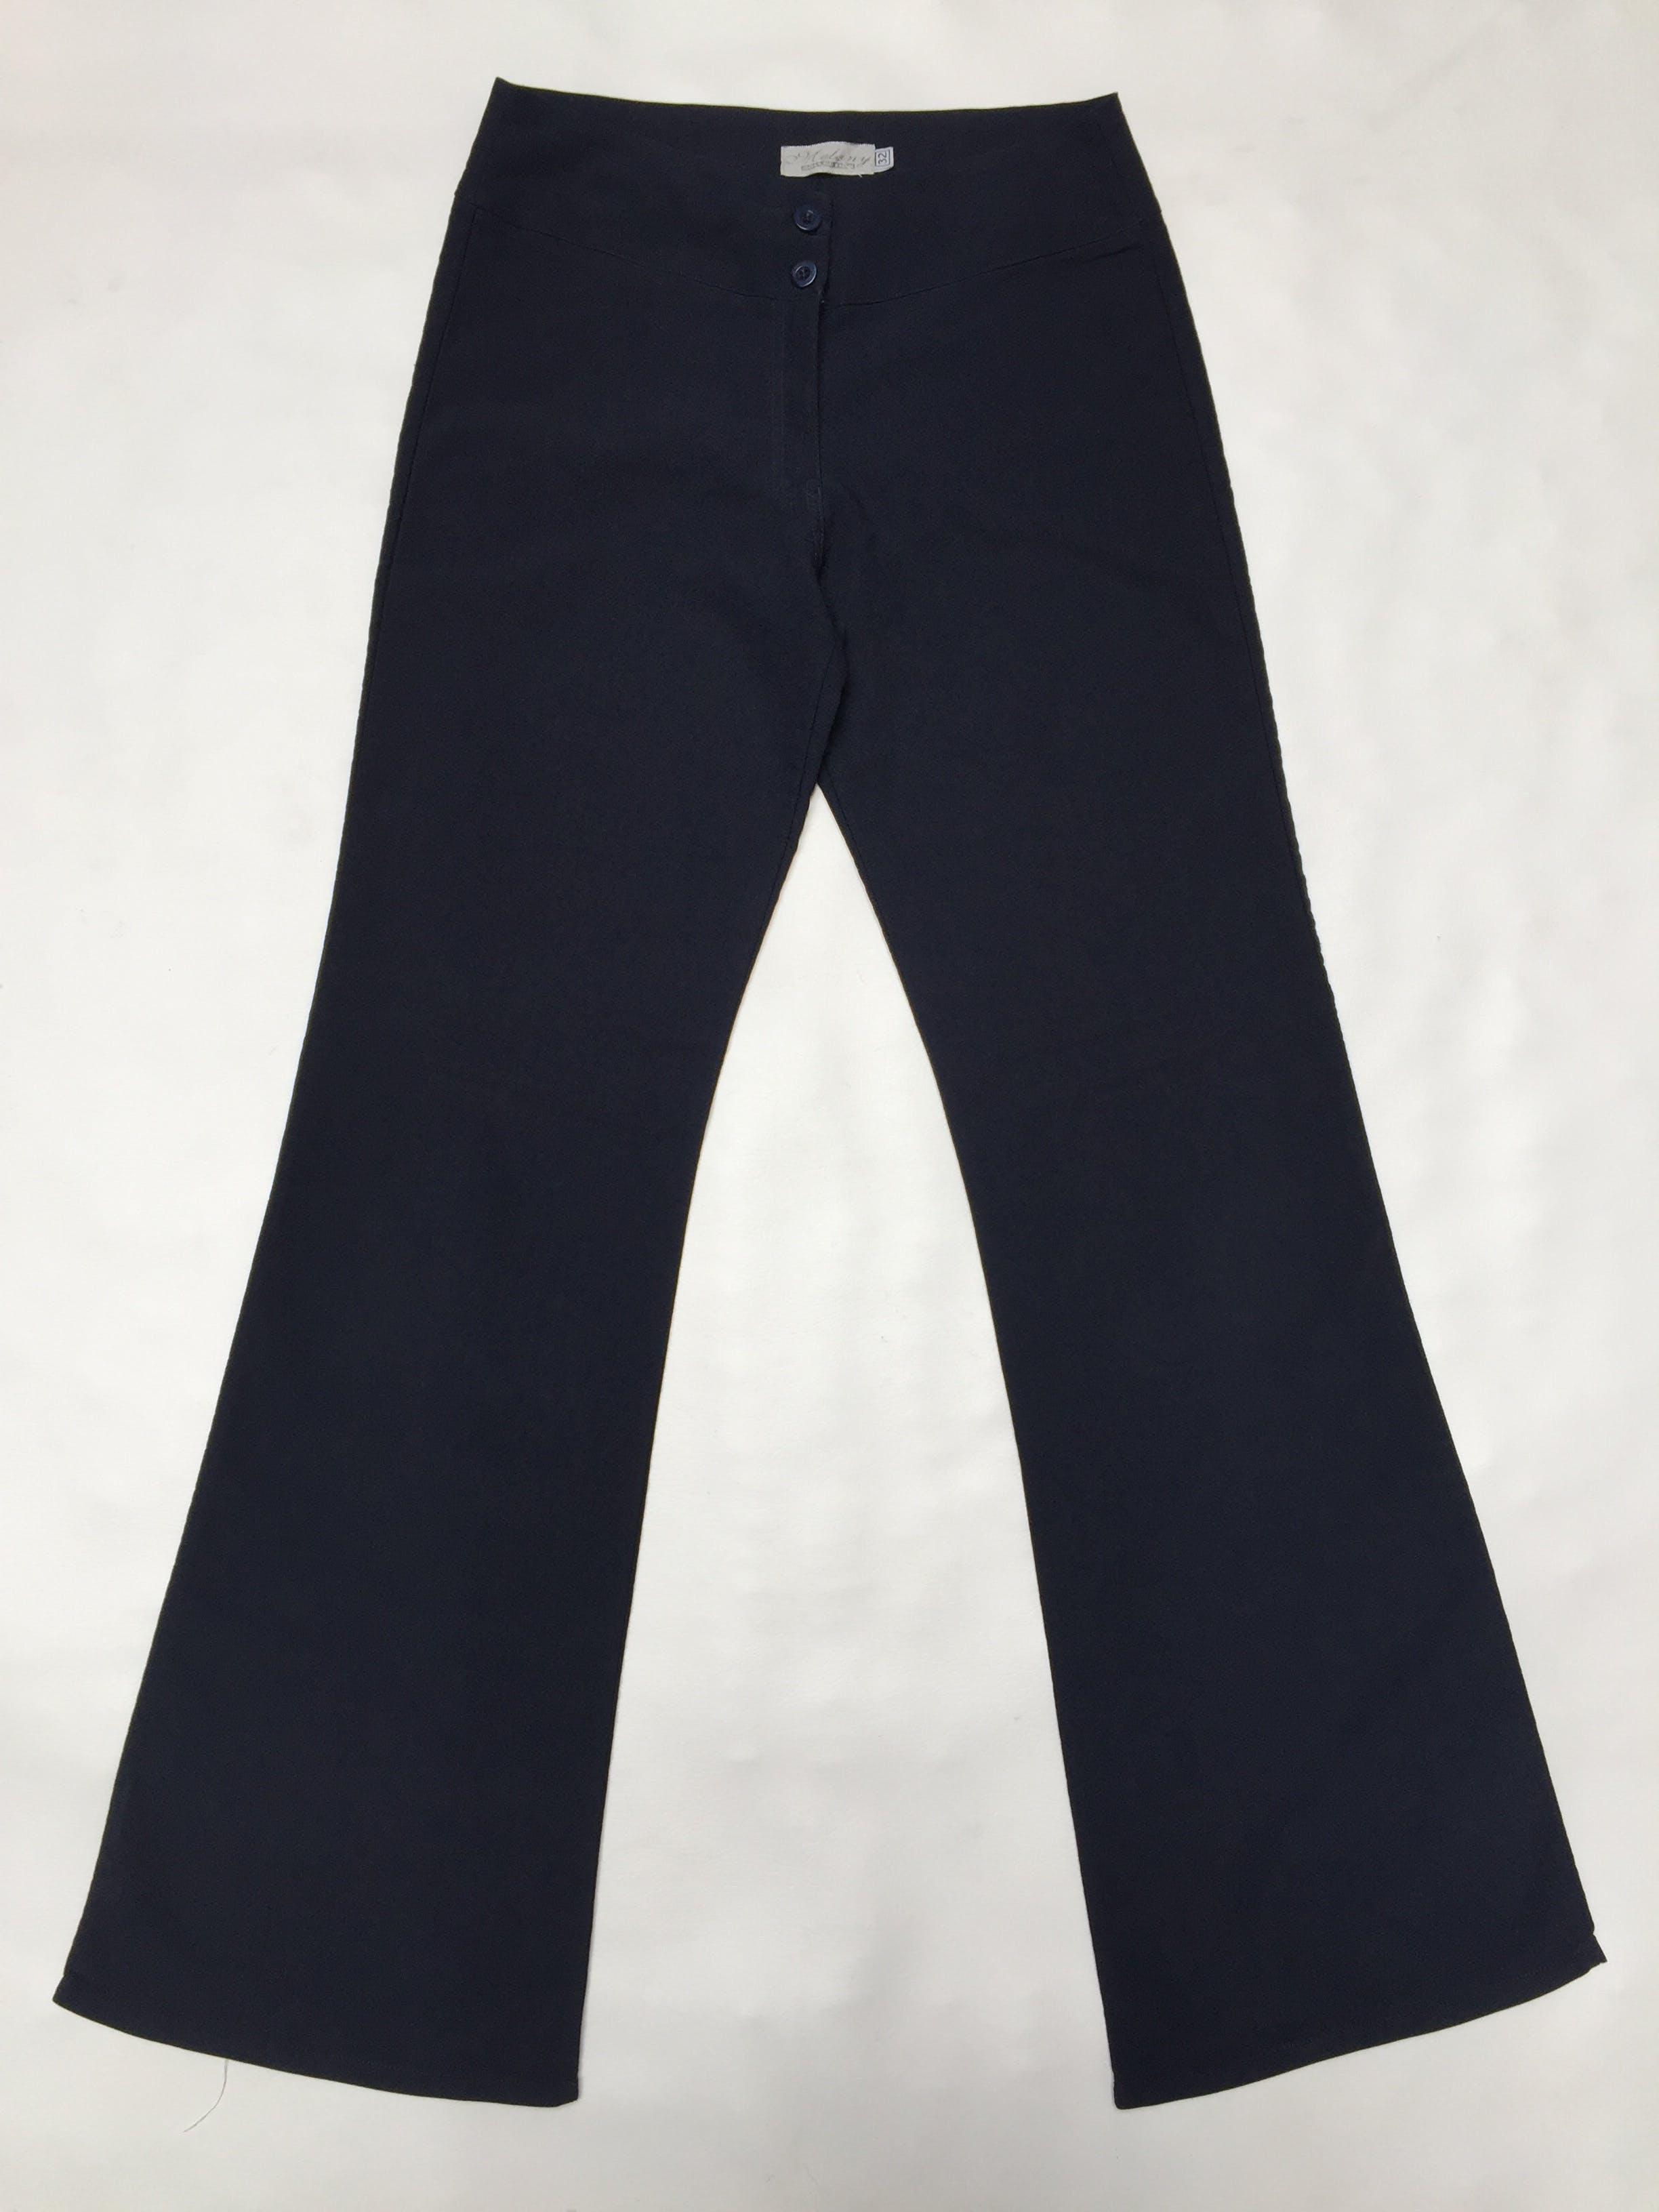 pantalon-null-imagen